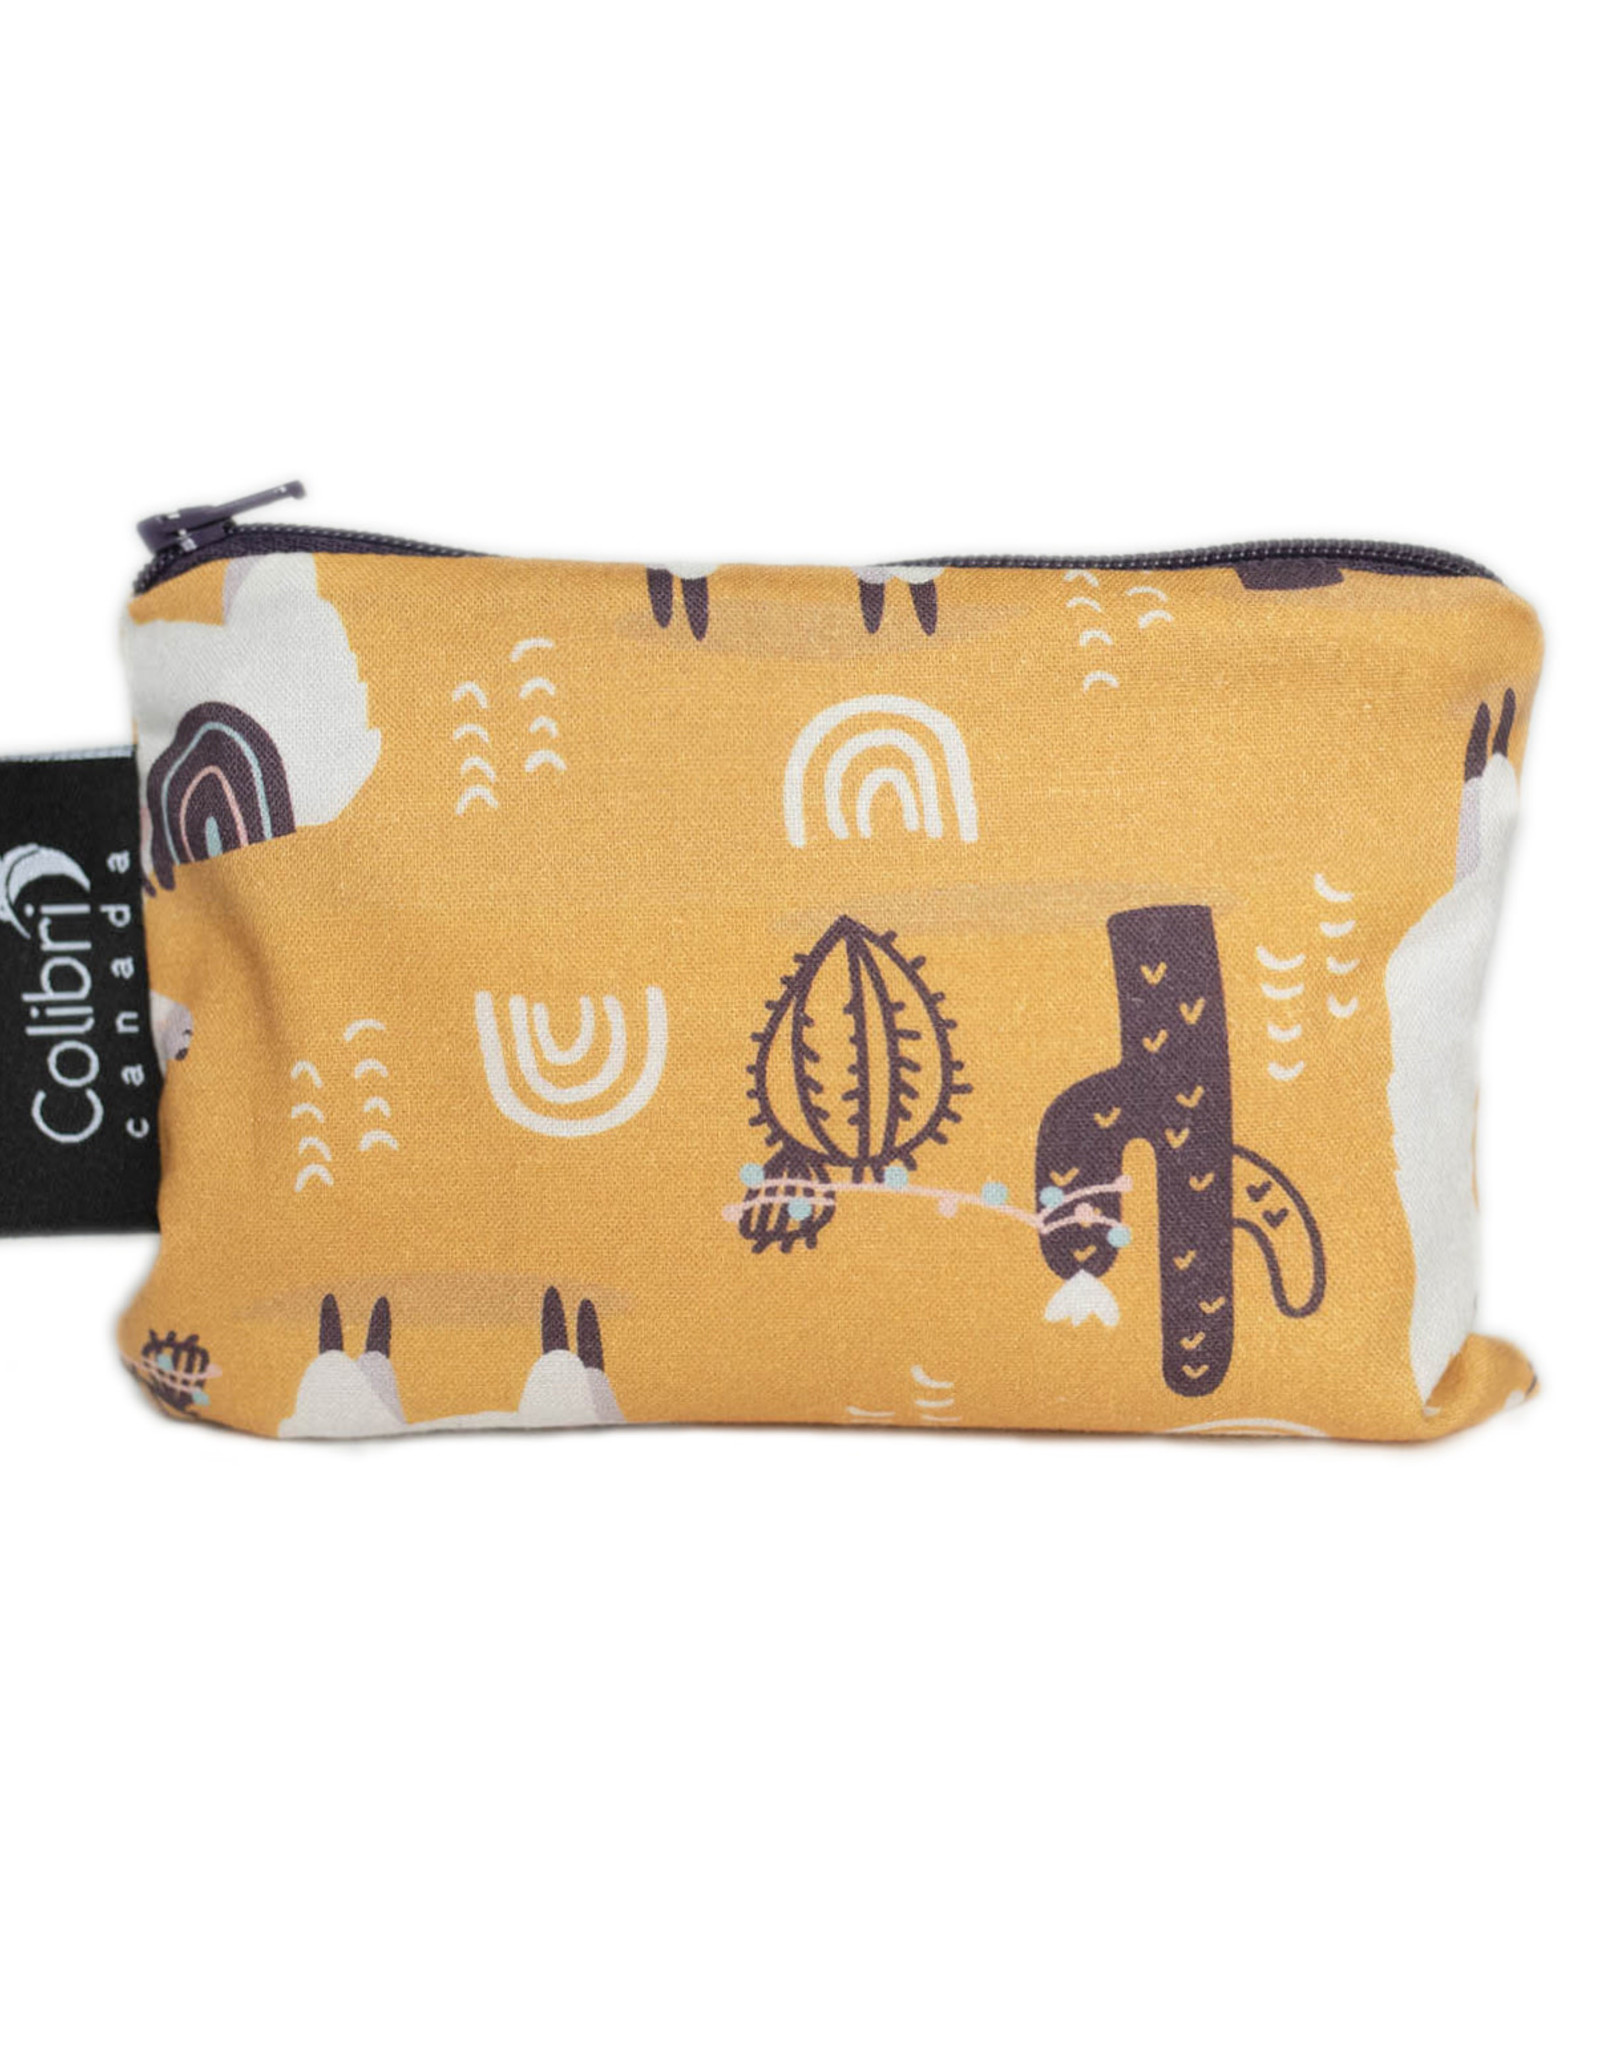 Colibri Canada Colibri Small Snack Bag - Llama